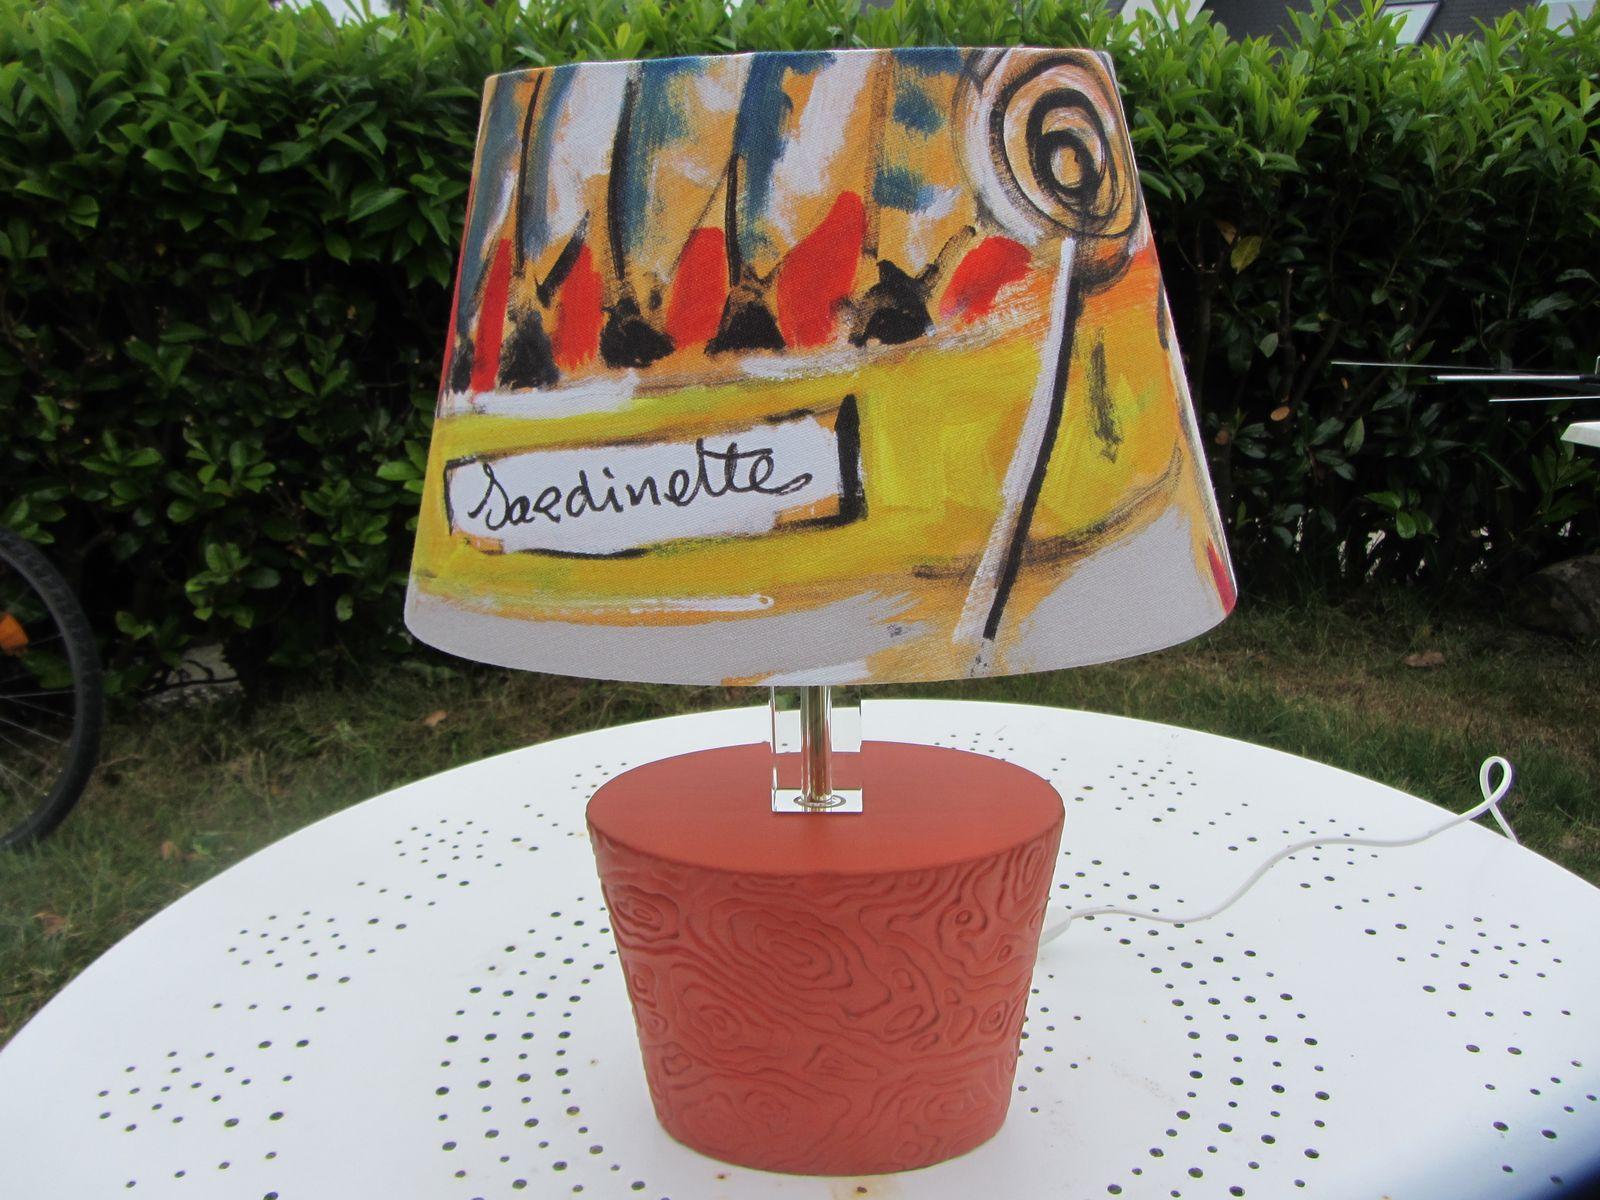 Vente De Tissus Brest annie ambiance déco - tapissier décorateur brest/landéda